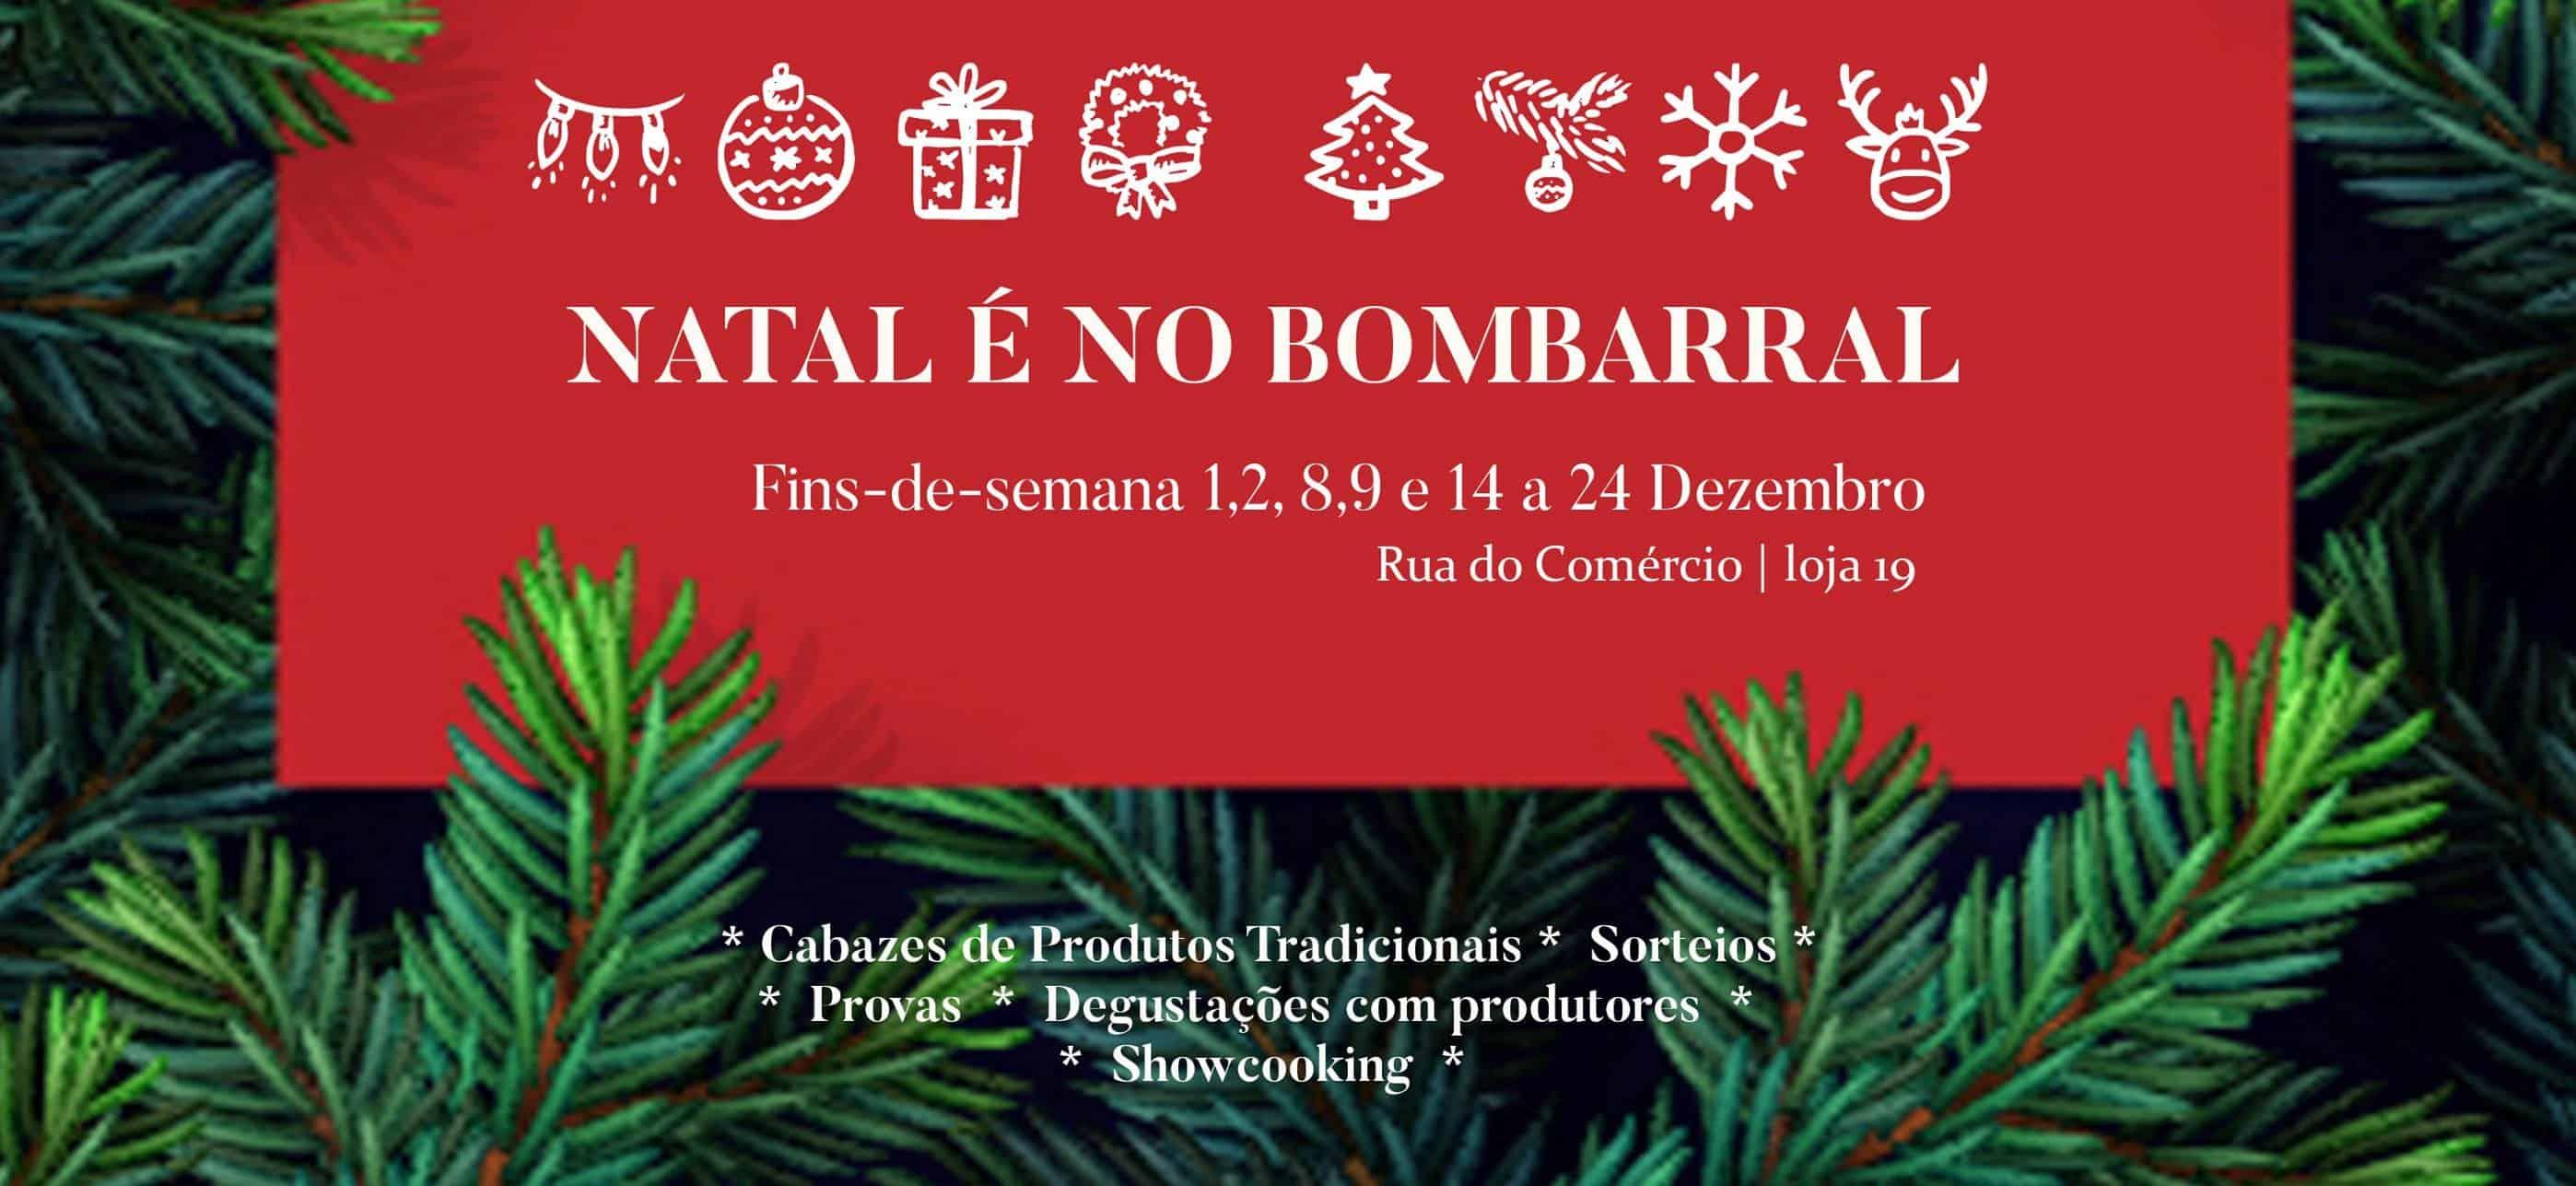 A Loja Natal - Ofereça Bombarral inaugura no dia 1 de Dezembro pelas 10 horas e prolonga-se até dia 24 na Rua do Comércio